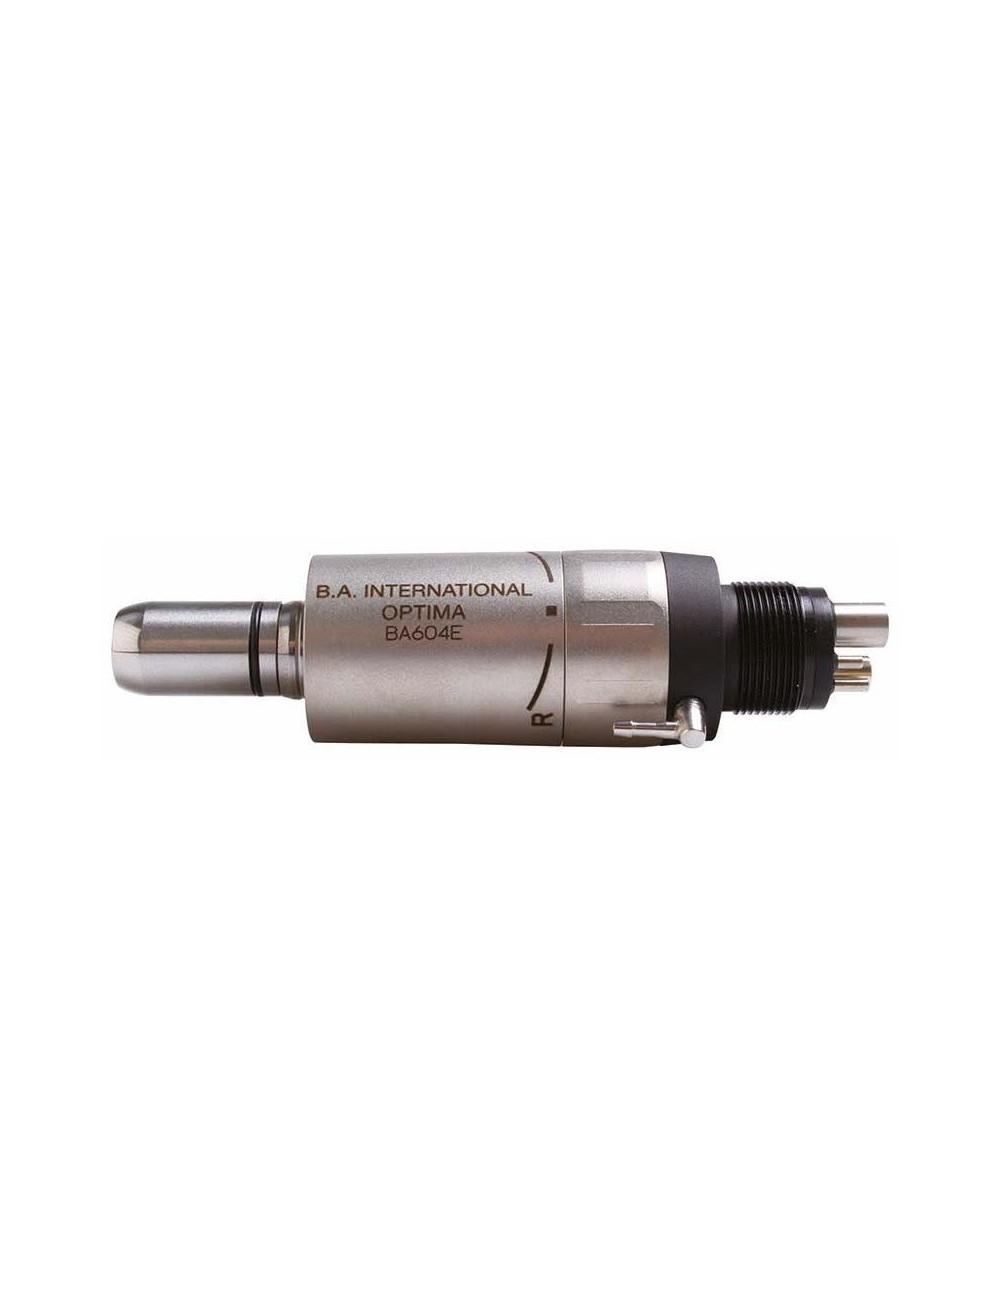 Micromotor para contra-ángulos BA602E borden irrigación externa